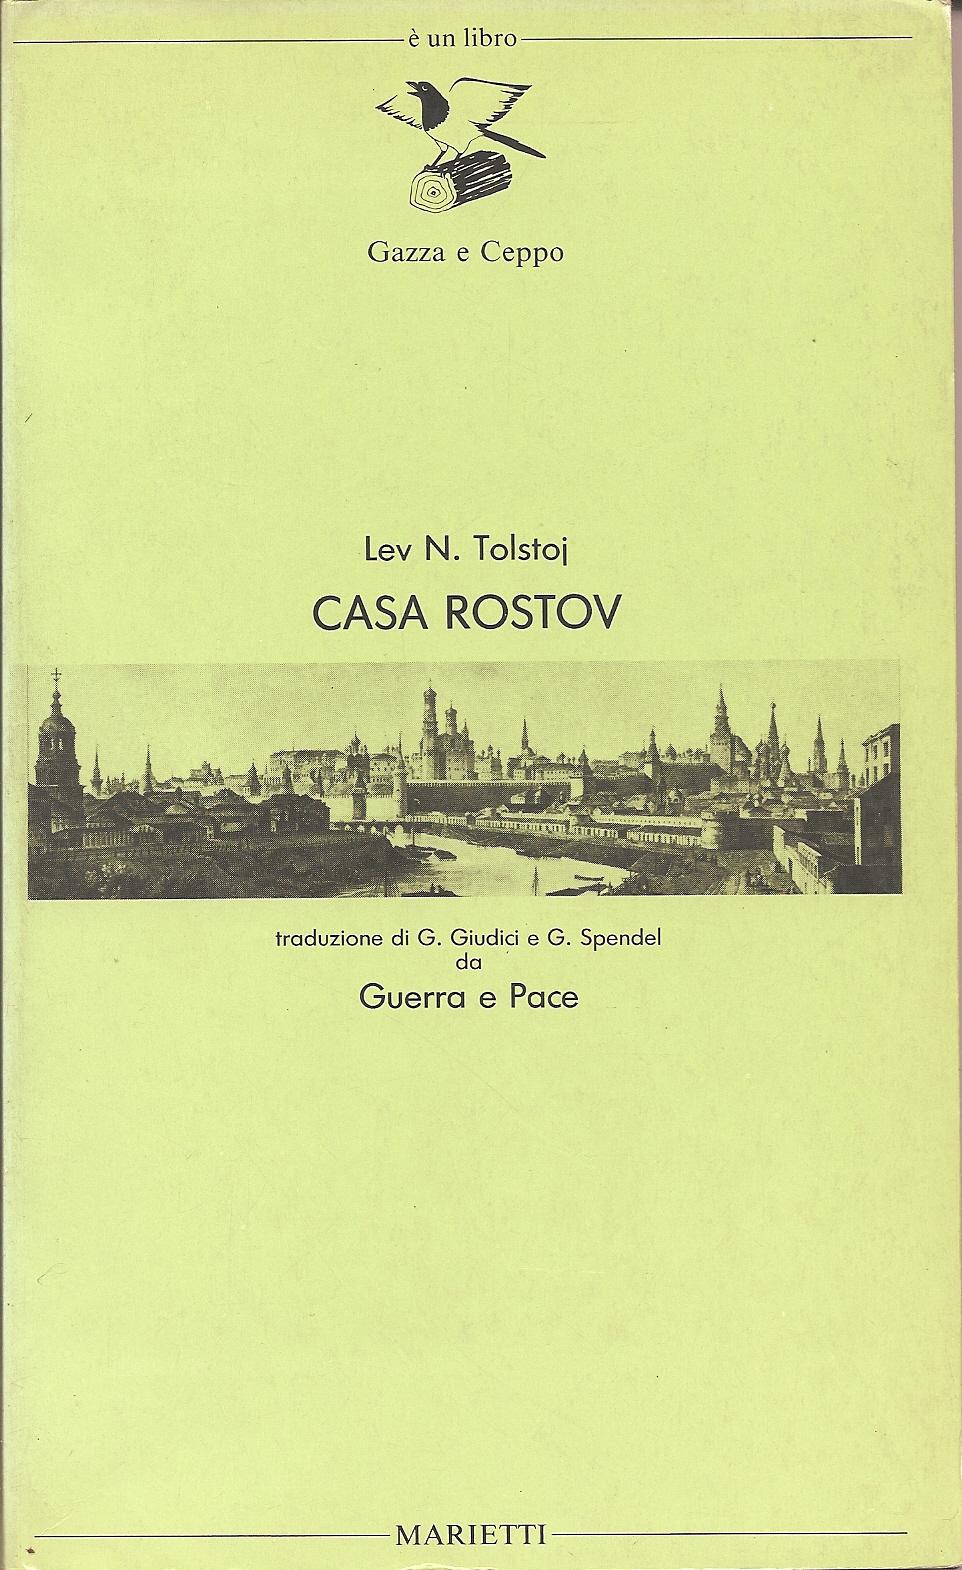 Casa Rostov